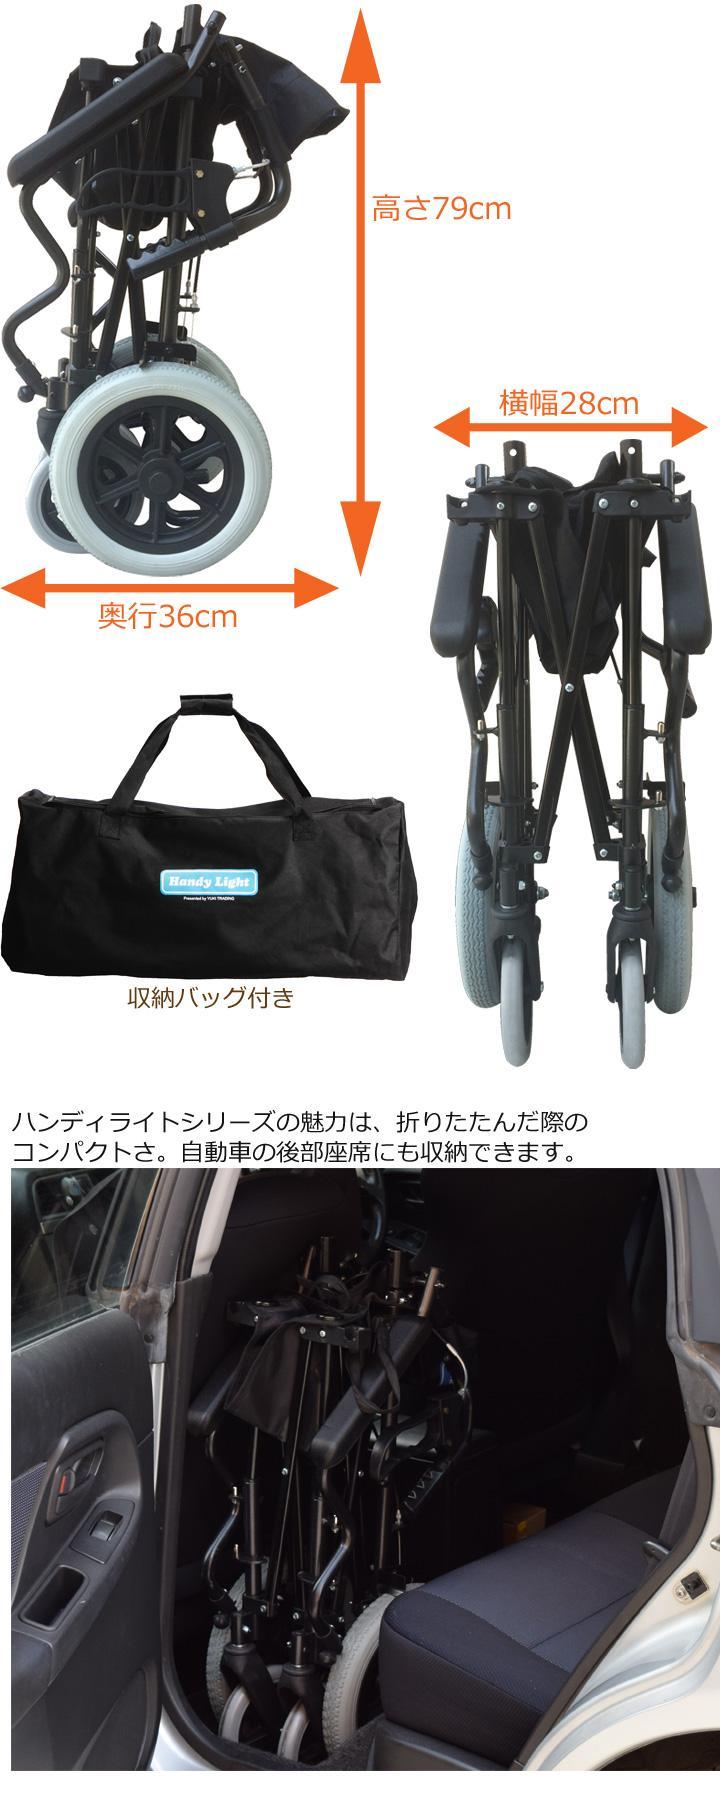 小型自動車へも楽々収納。持ち運びに便利な収納バッグ付属。